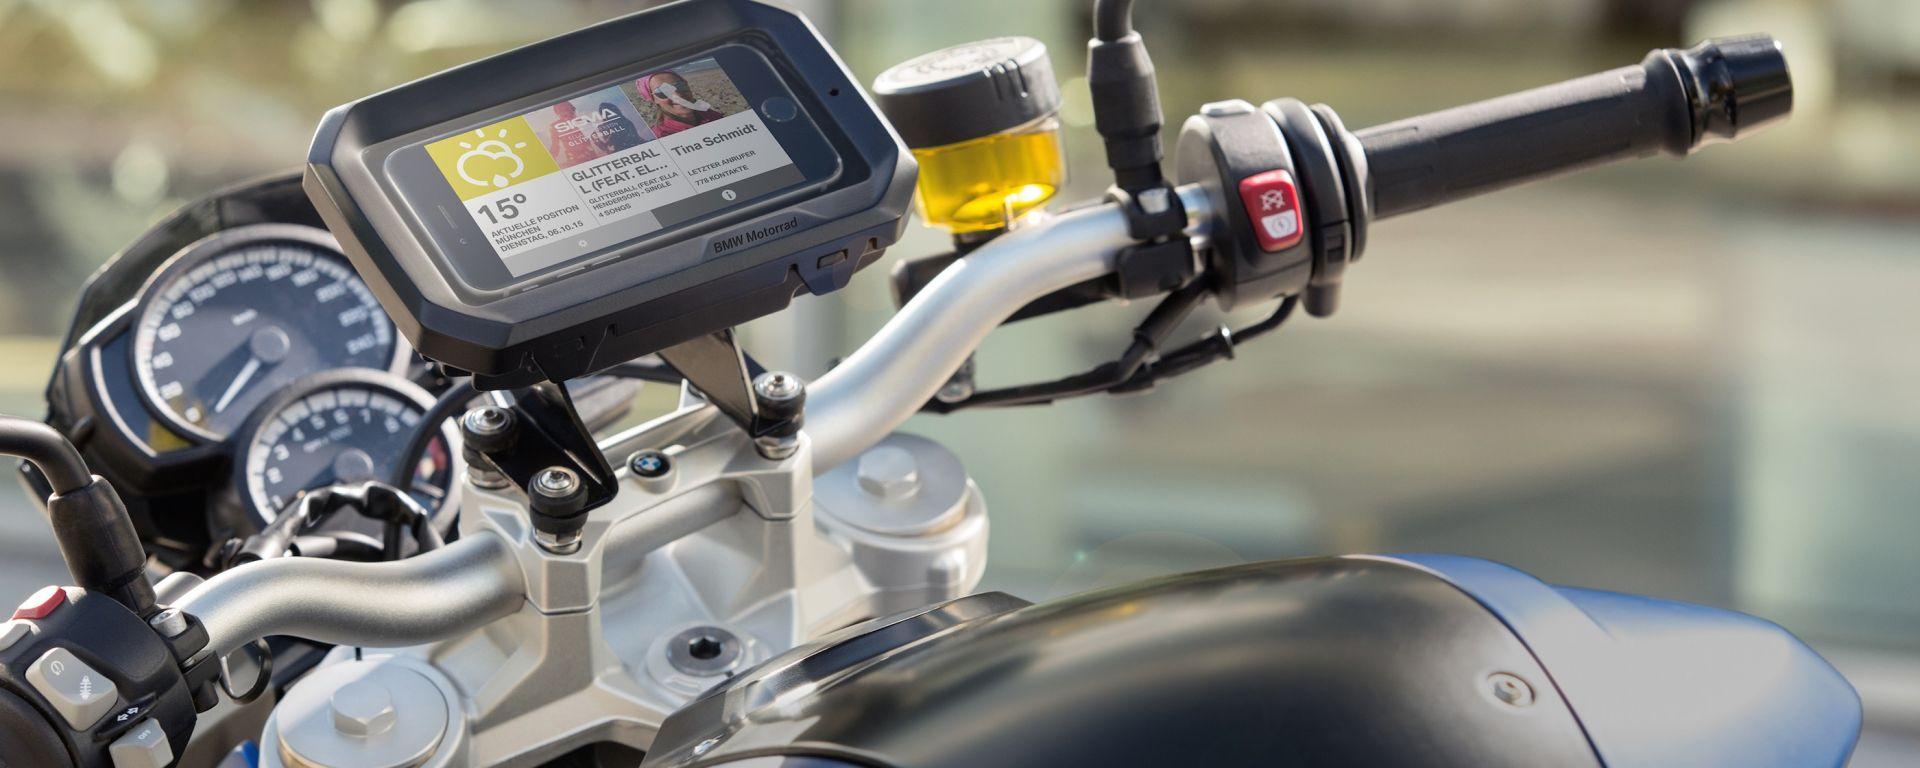 BMW Motorrad: un nuovo supporto per smartphone